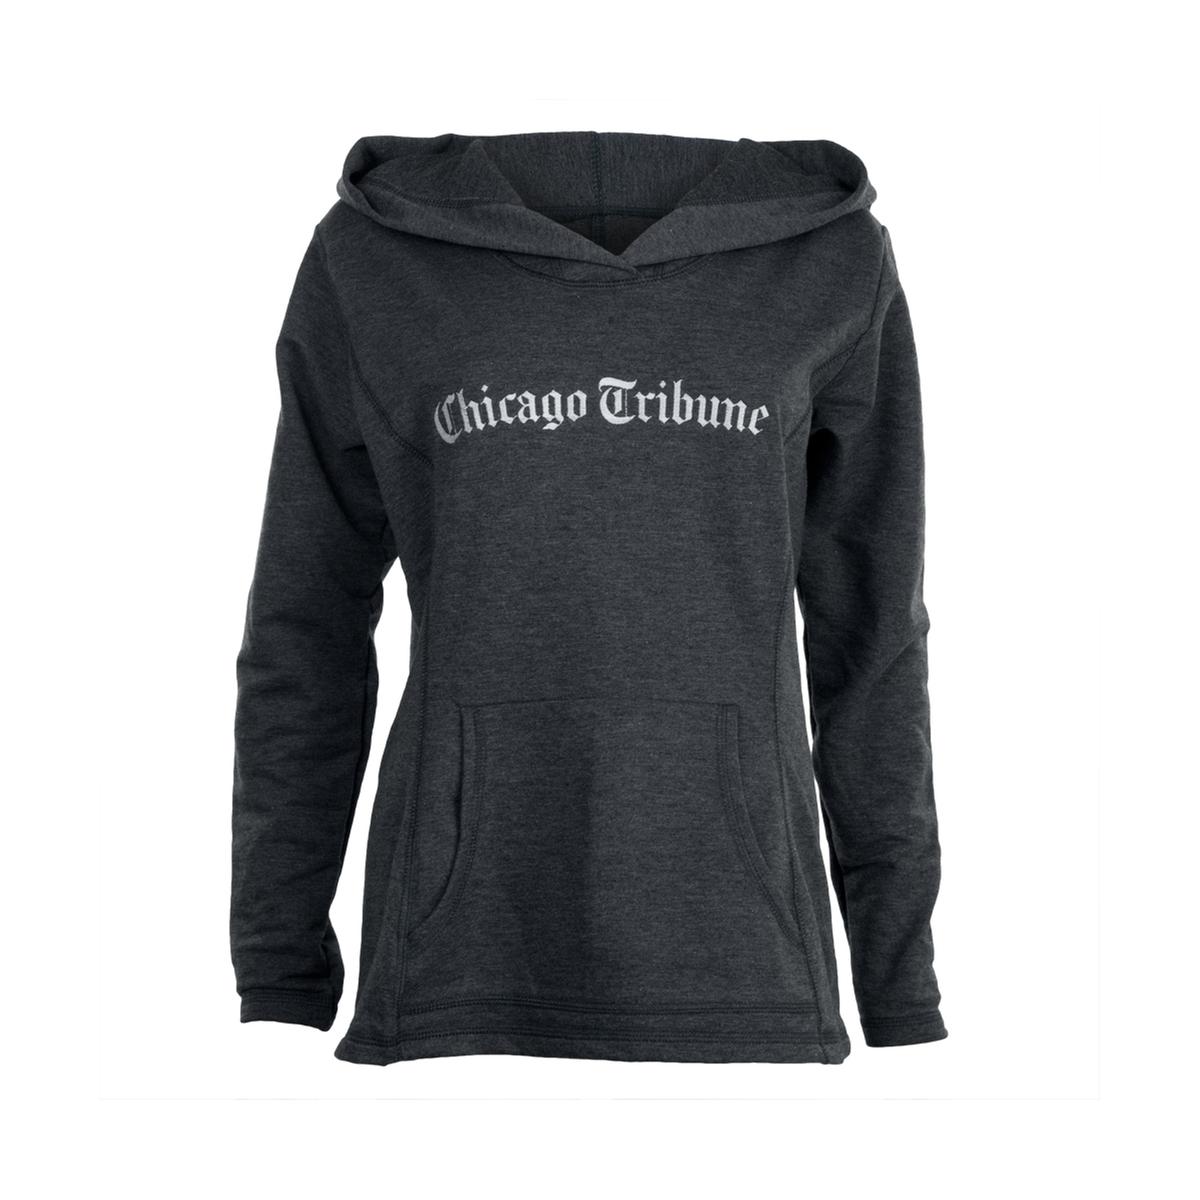 Chicago Tribune Grey Women's Hoodie